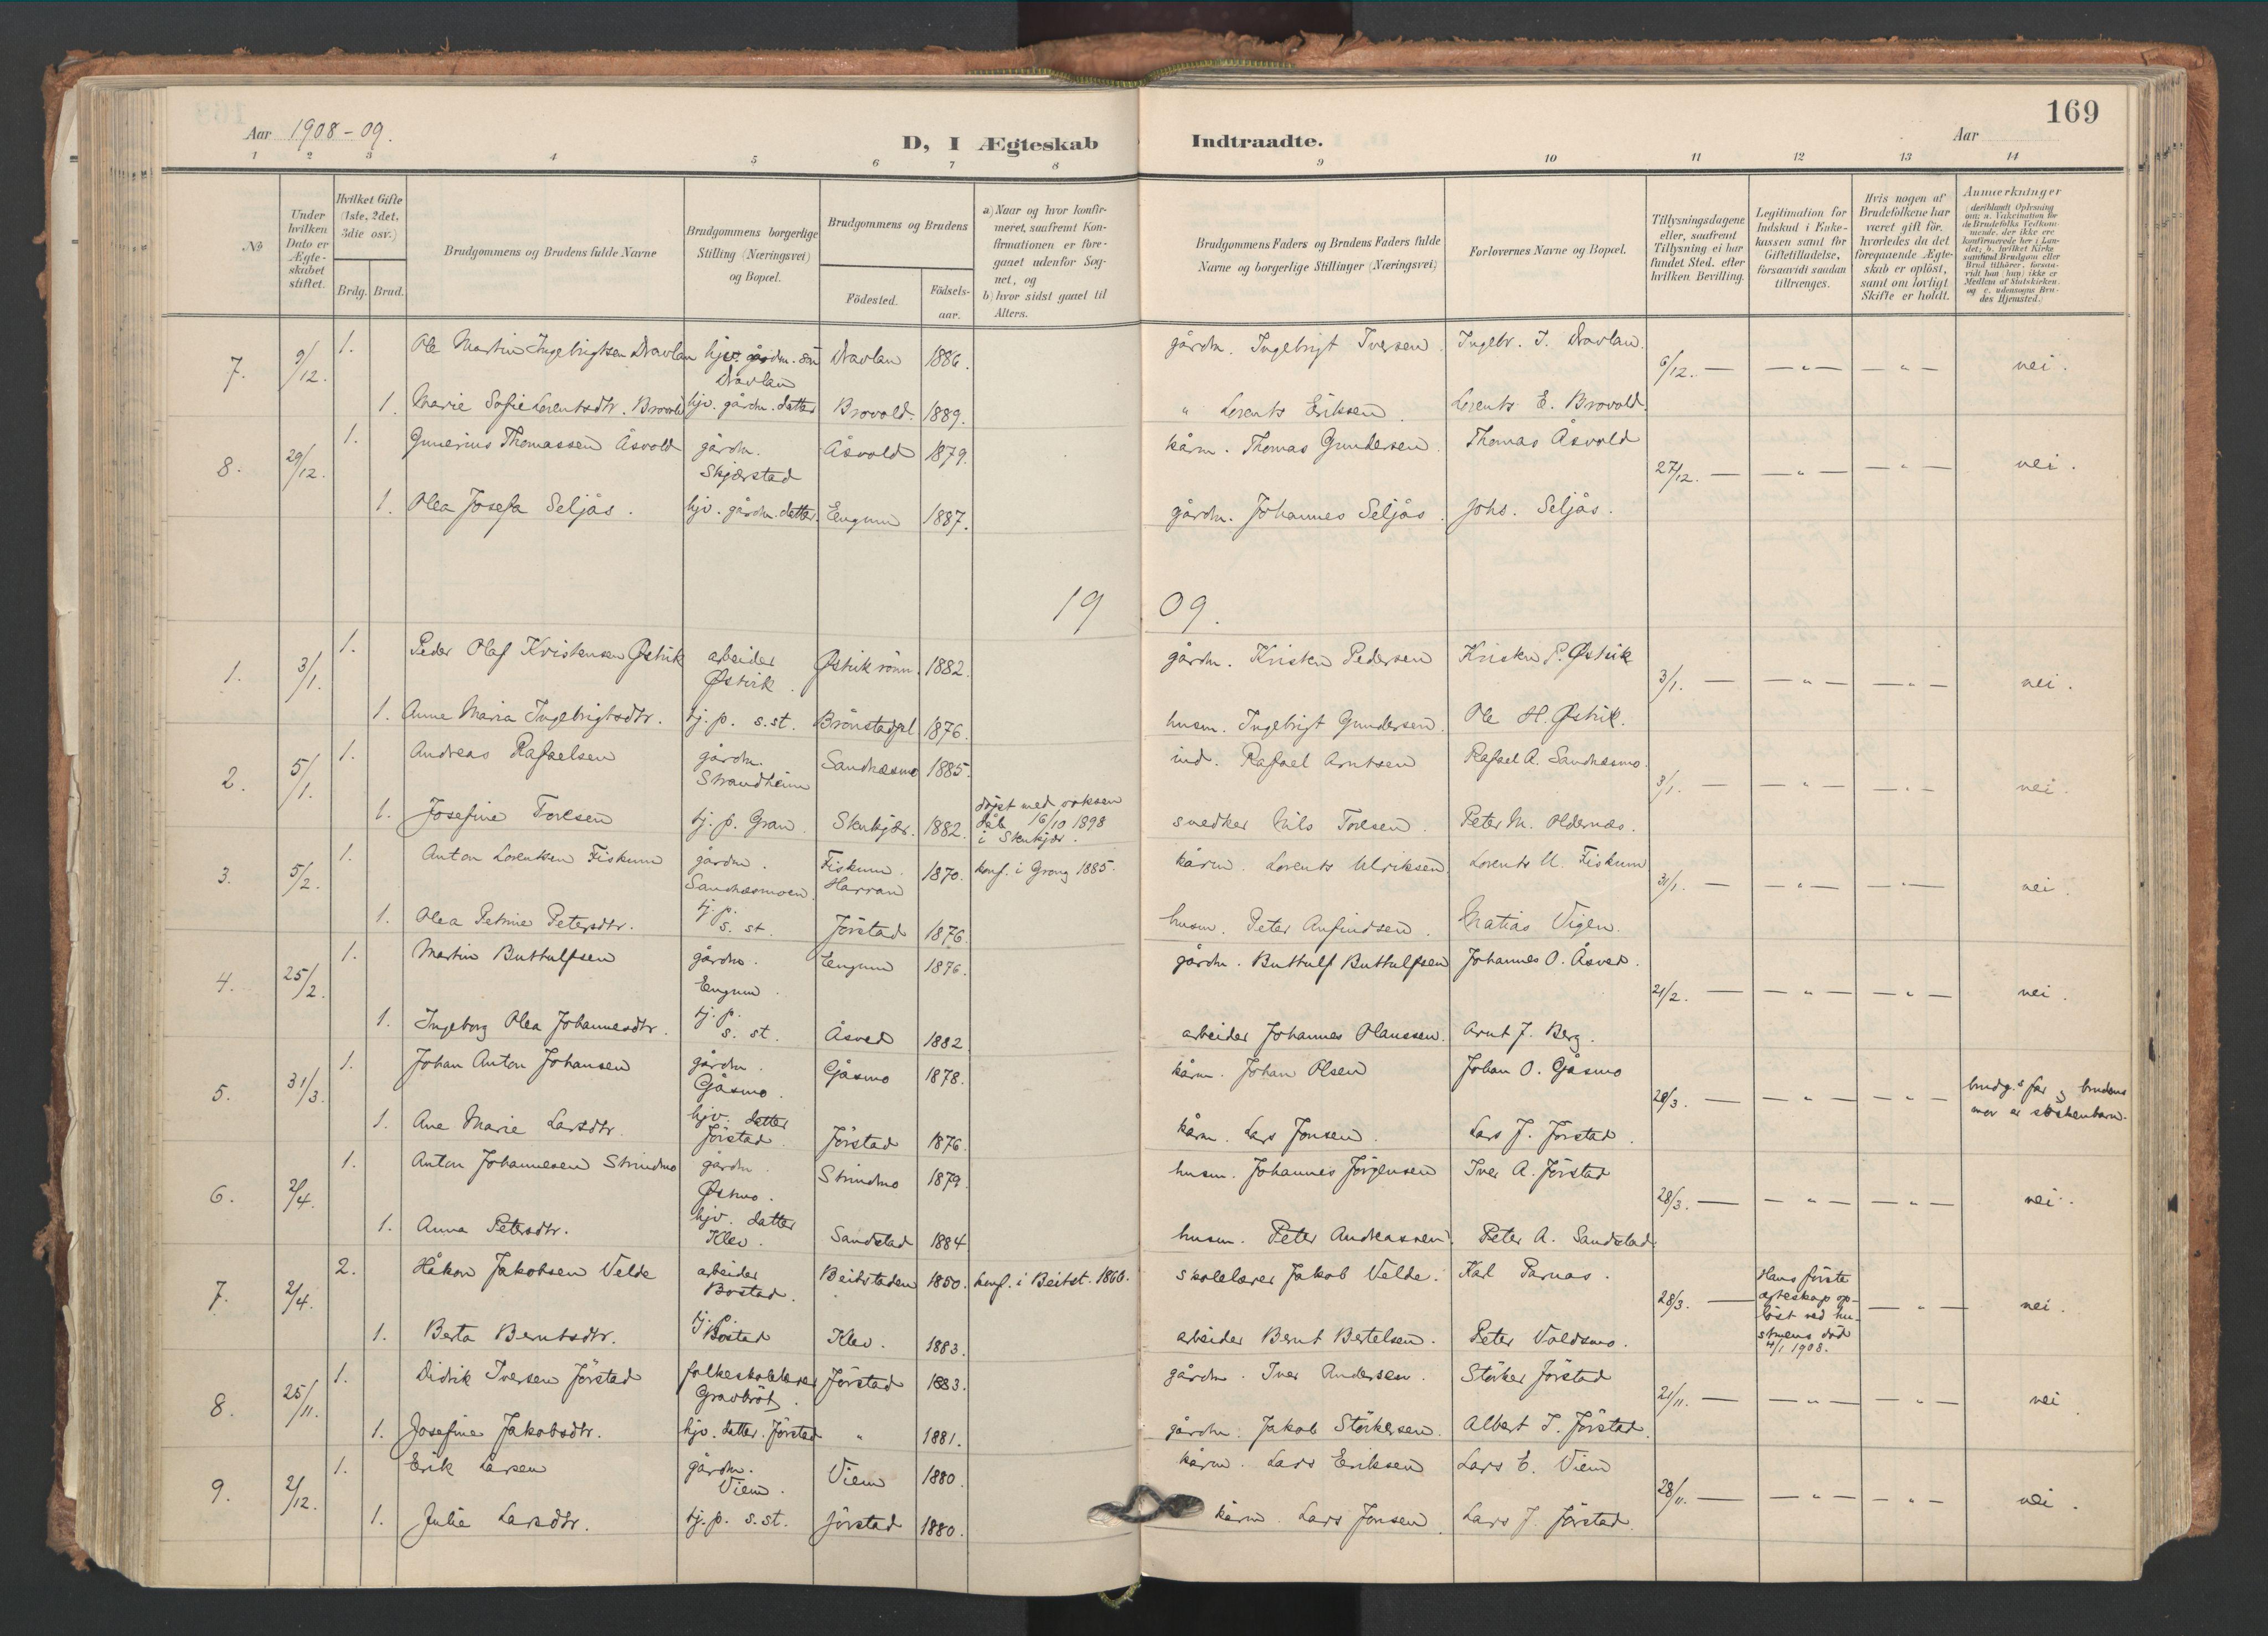 SAT, Ministerialprotokoller, klokkerbøker og fødselsregistre - Nord-Trøndelag, 749/L0477: Ministerialbok nr. 749A11, 1902-1927, s. 169